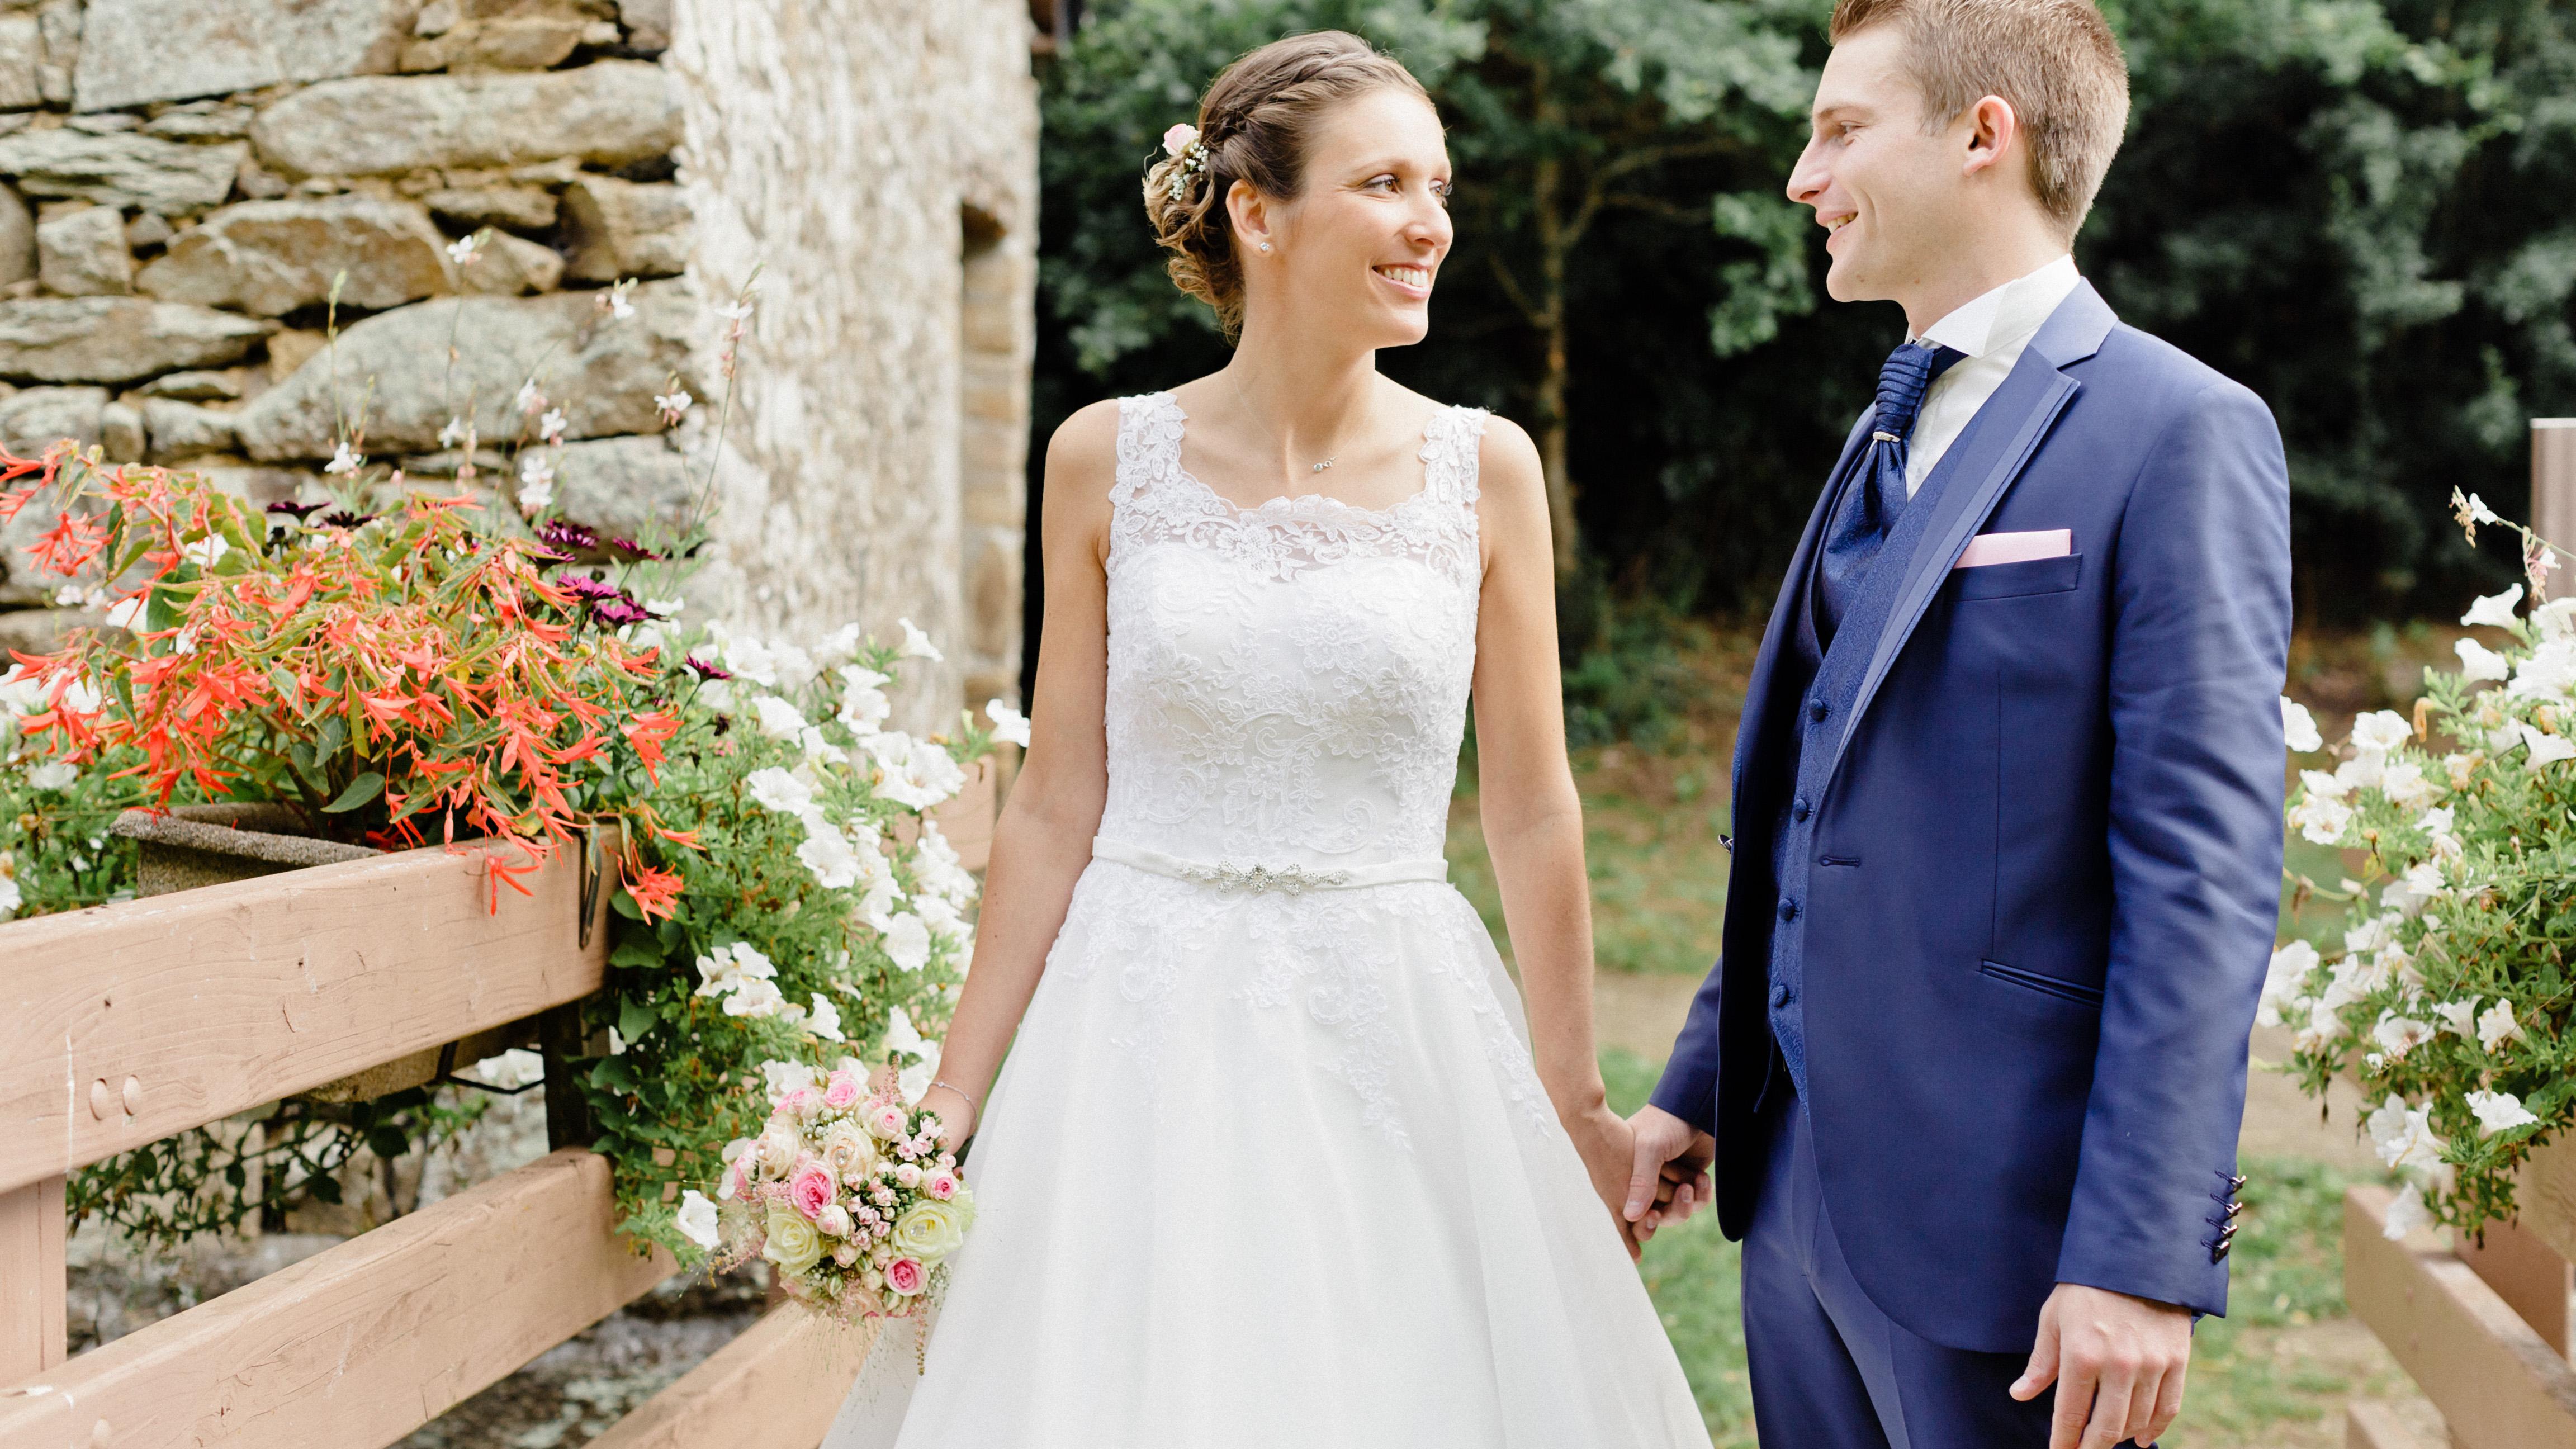 Mariage-Morbihan-Bretagne-Vannes-Lilian Vezin (24)